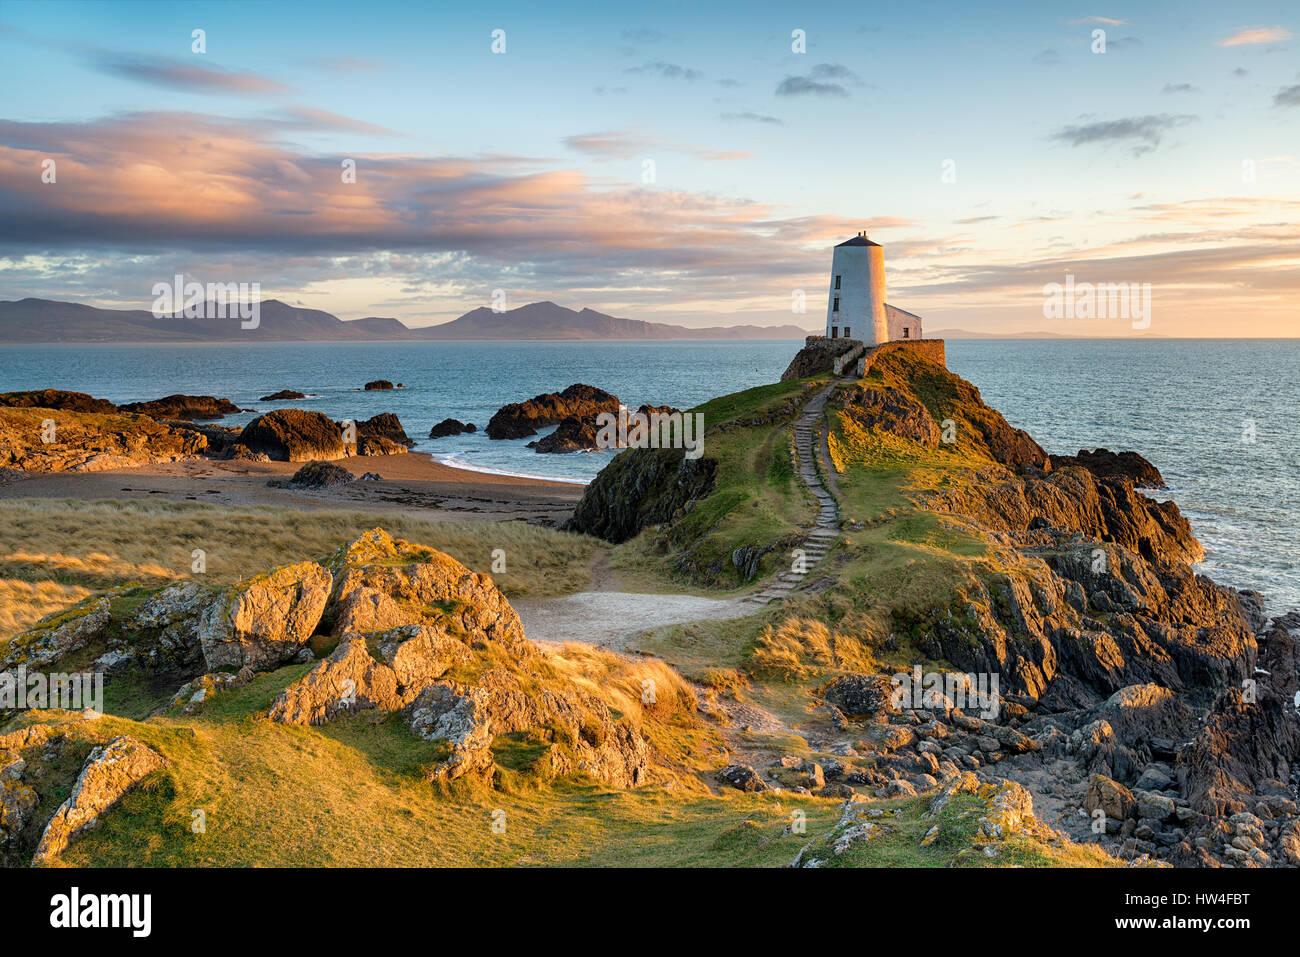 Atardecer en Ynys Llanddwyn en la costa de la isla de Anglesey en Gales del Norte, con las montañas de Snowdonia Imagen De Stock